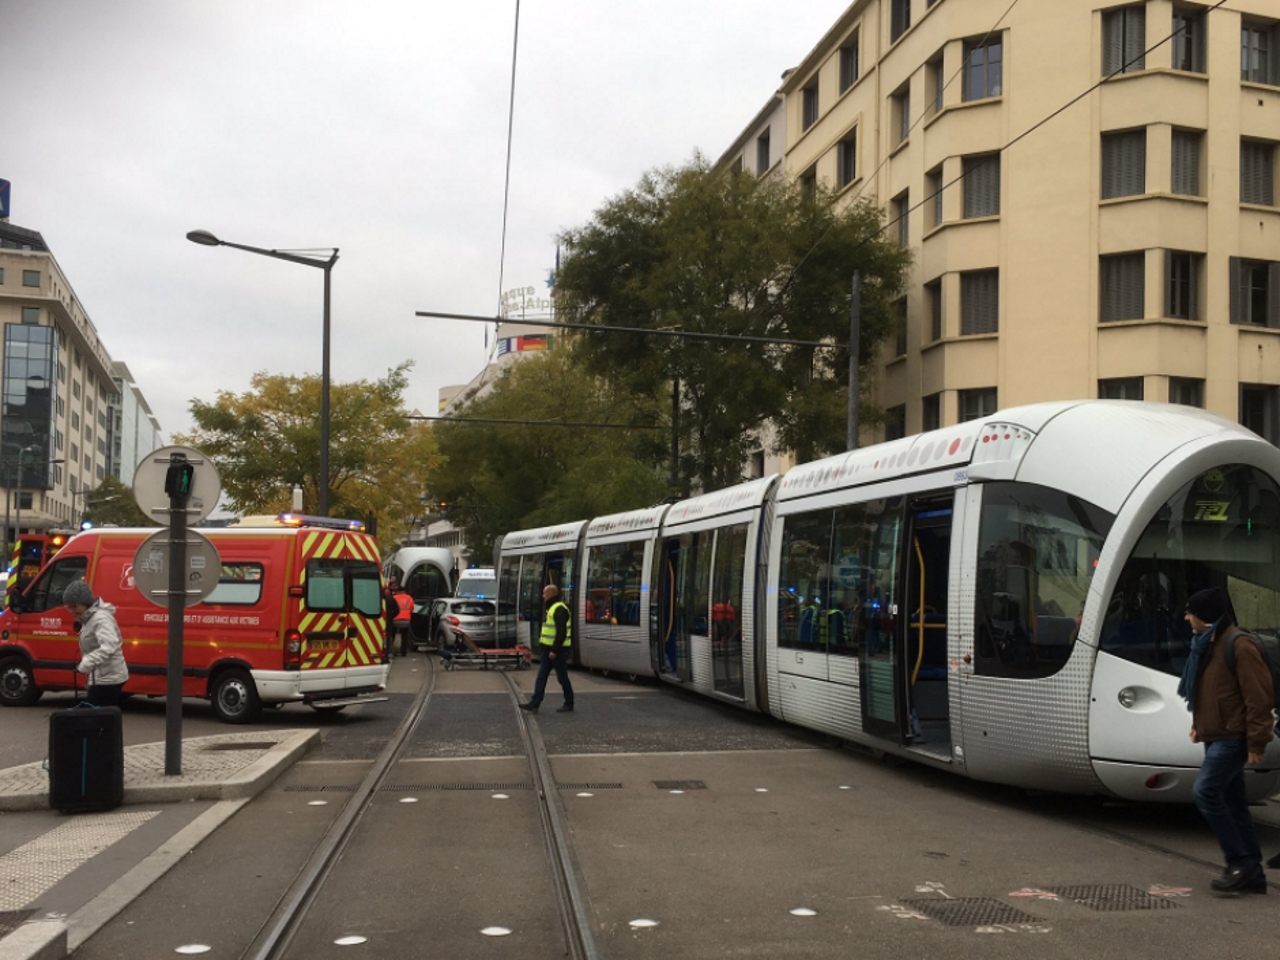 Accident de tramway à Lyon : les impressionnantes photos du choc